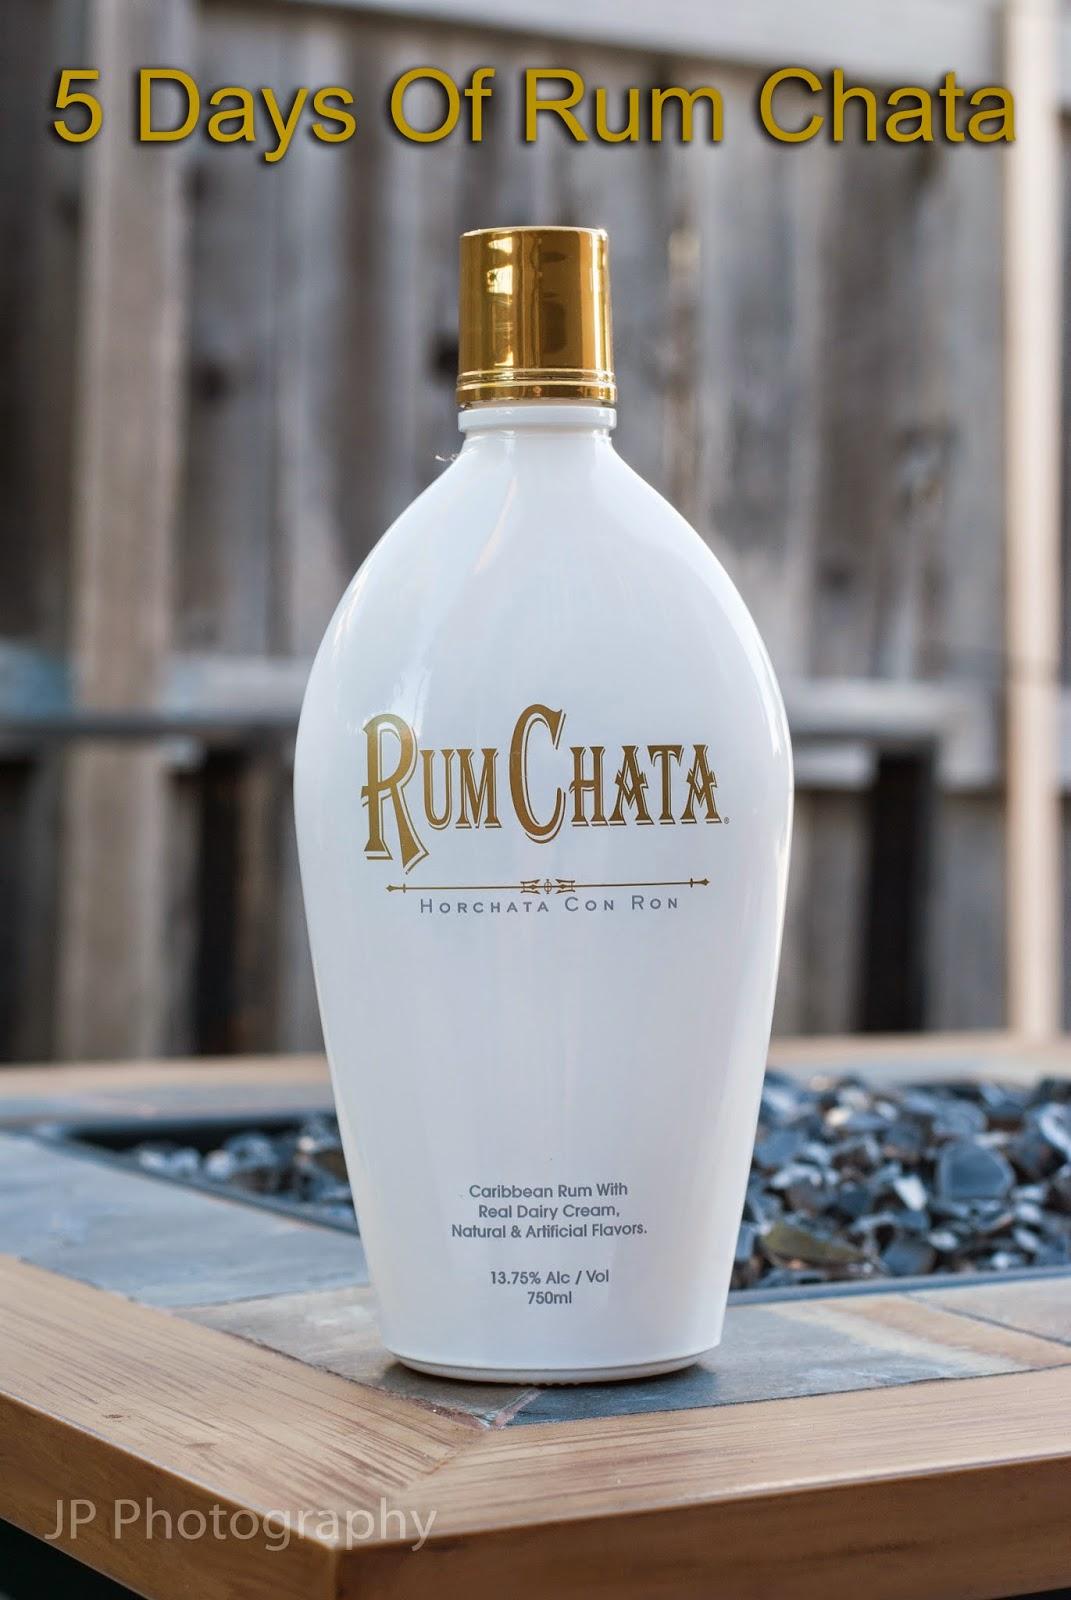 5+Days+Of+Rum+Chata.jpg